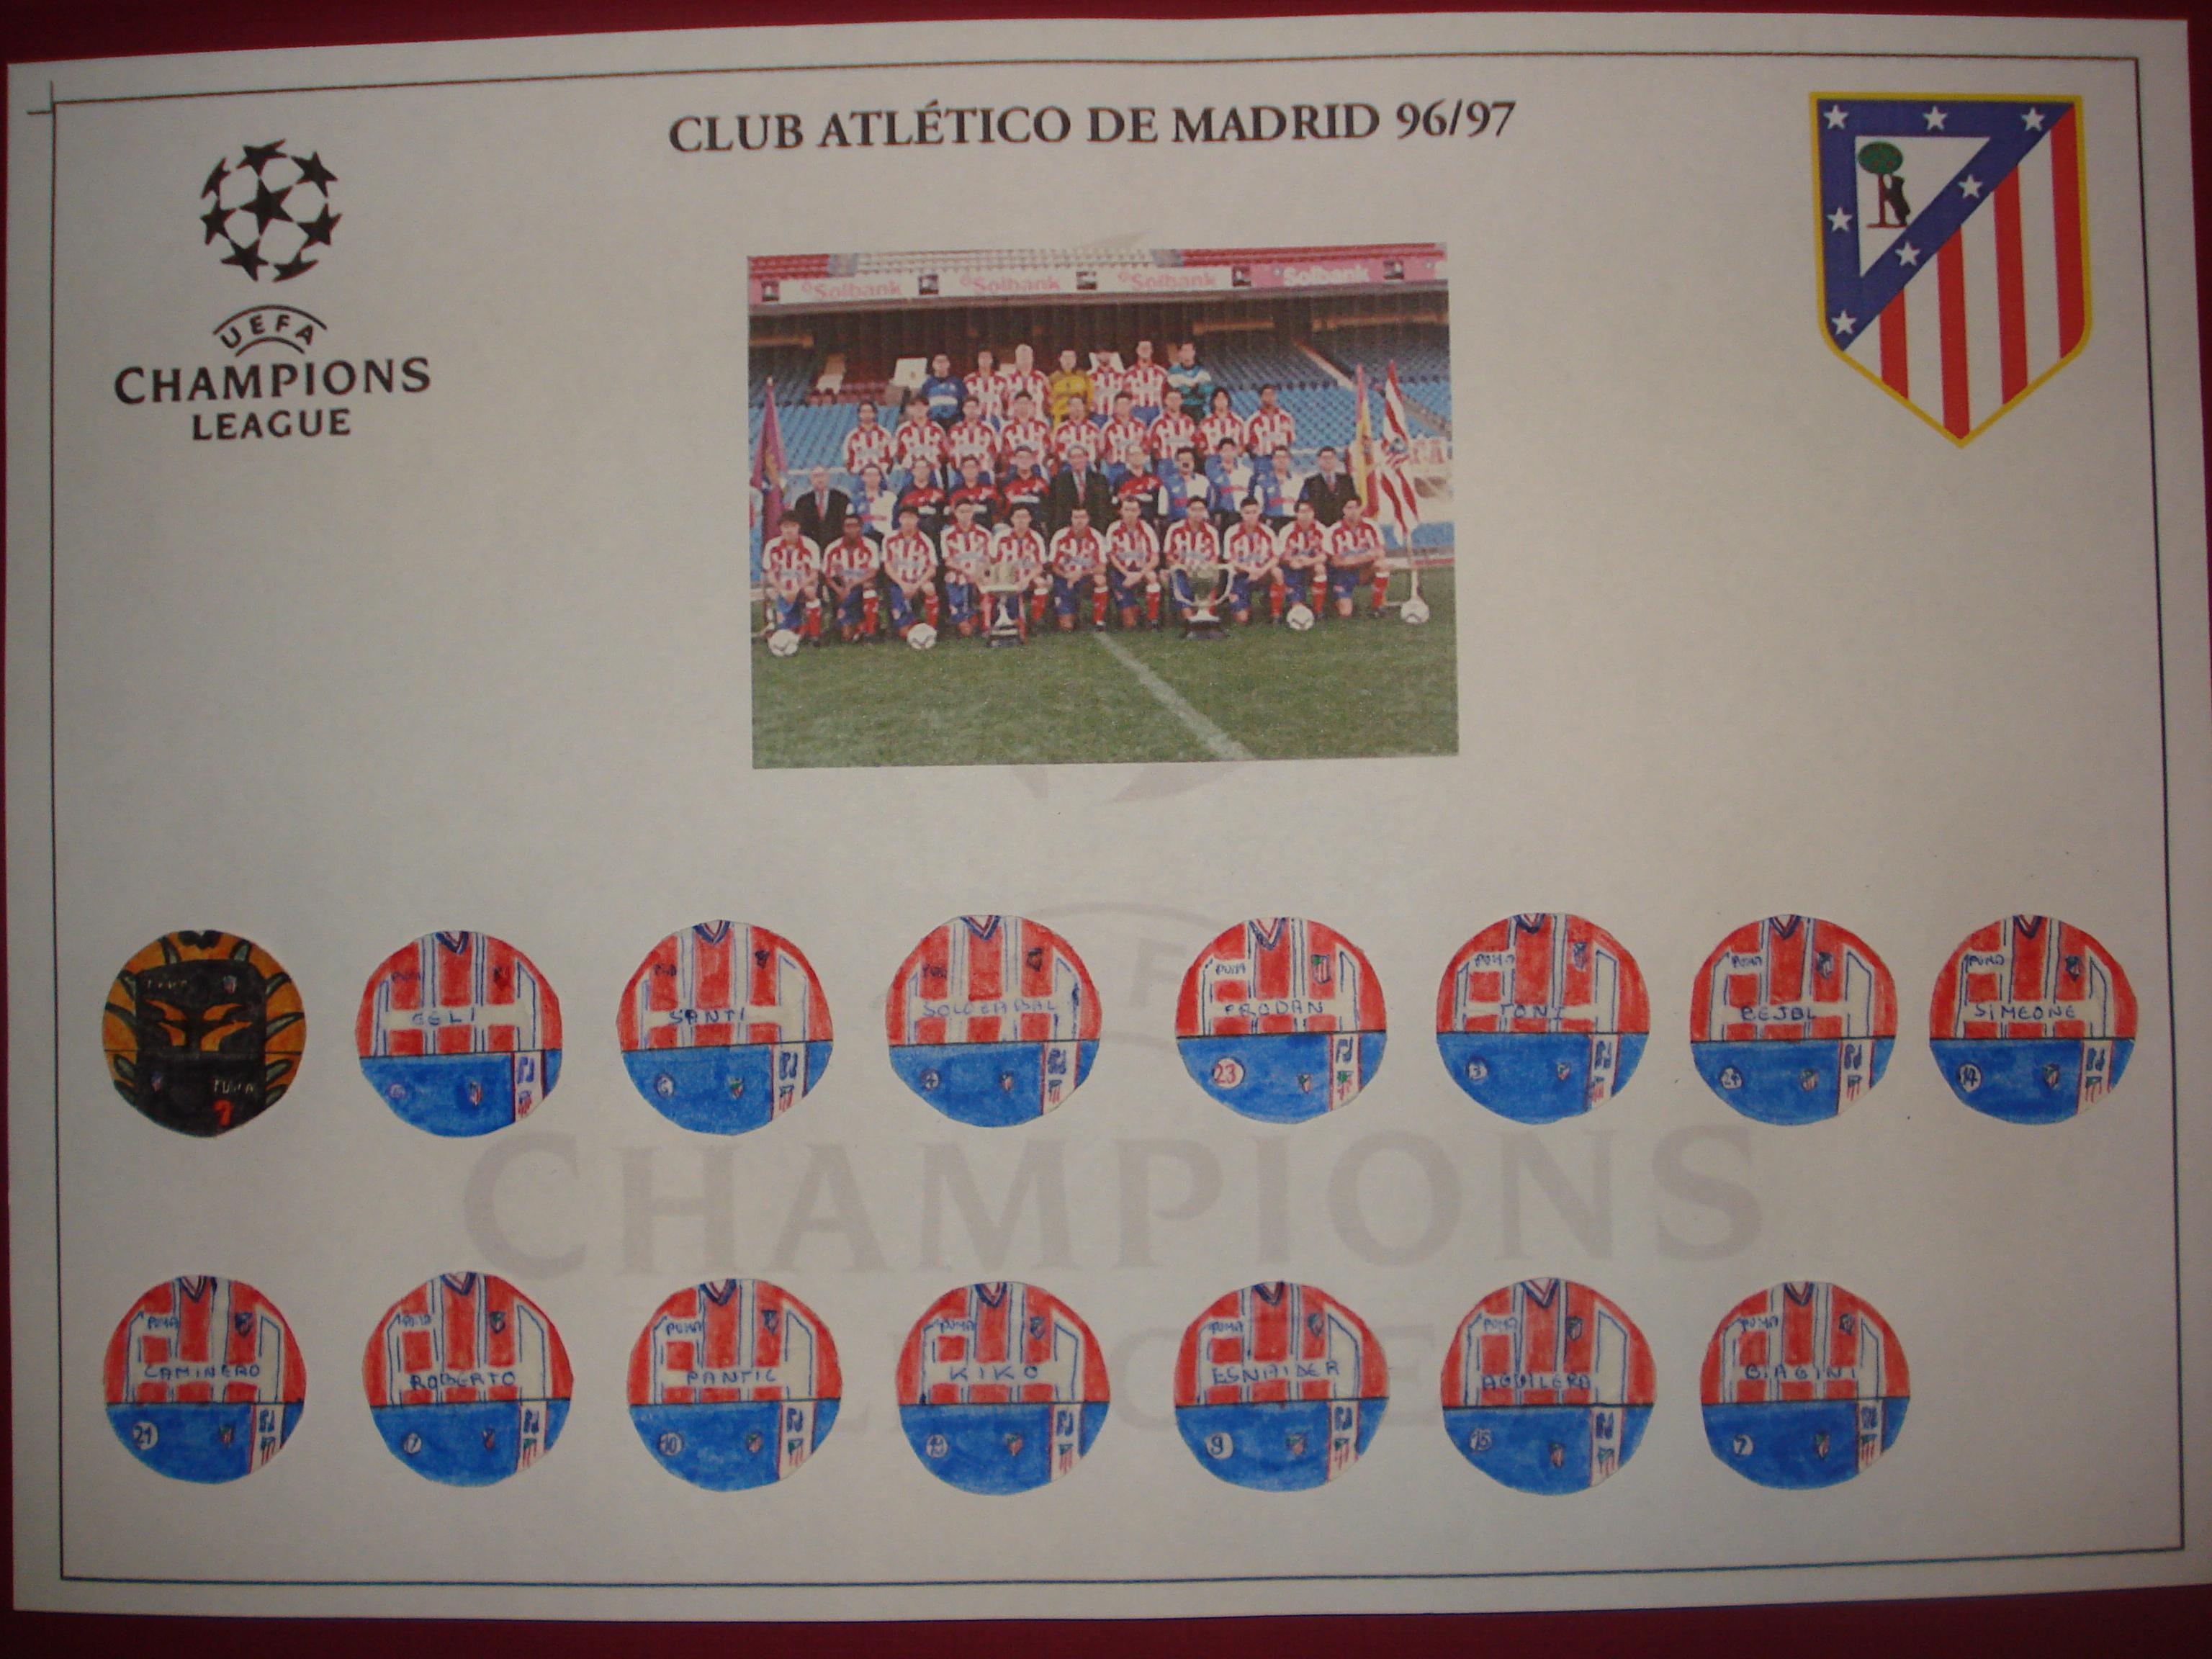 atletico_de_madrid_ucl-96-97